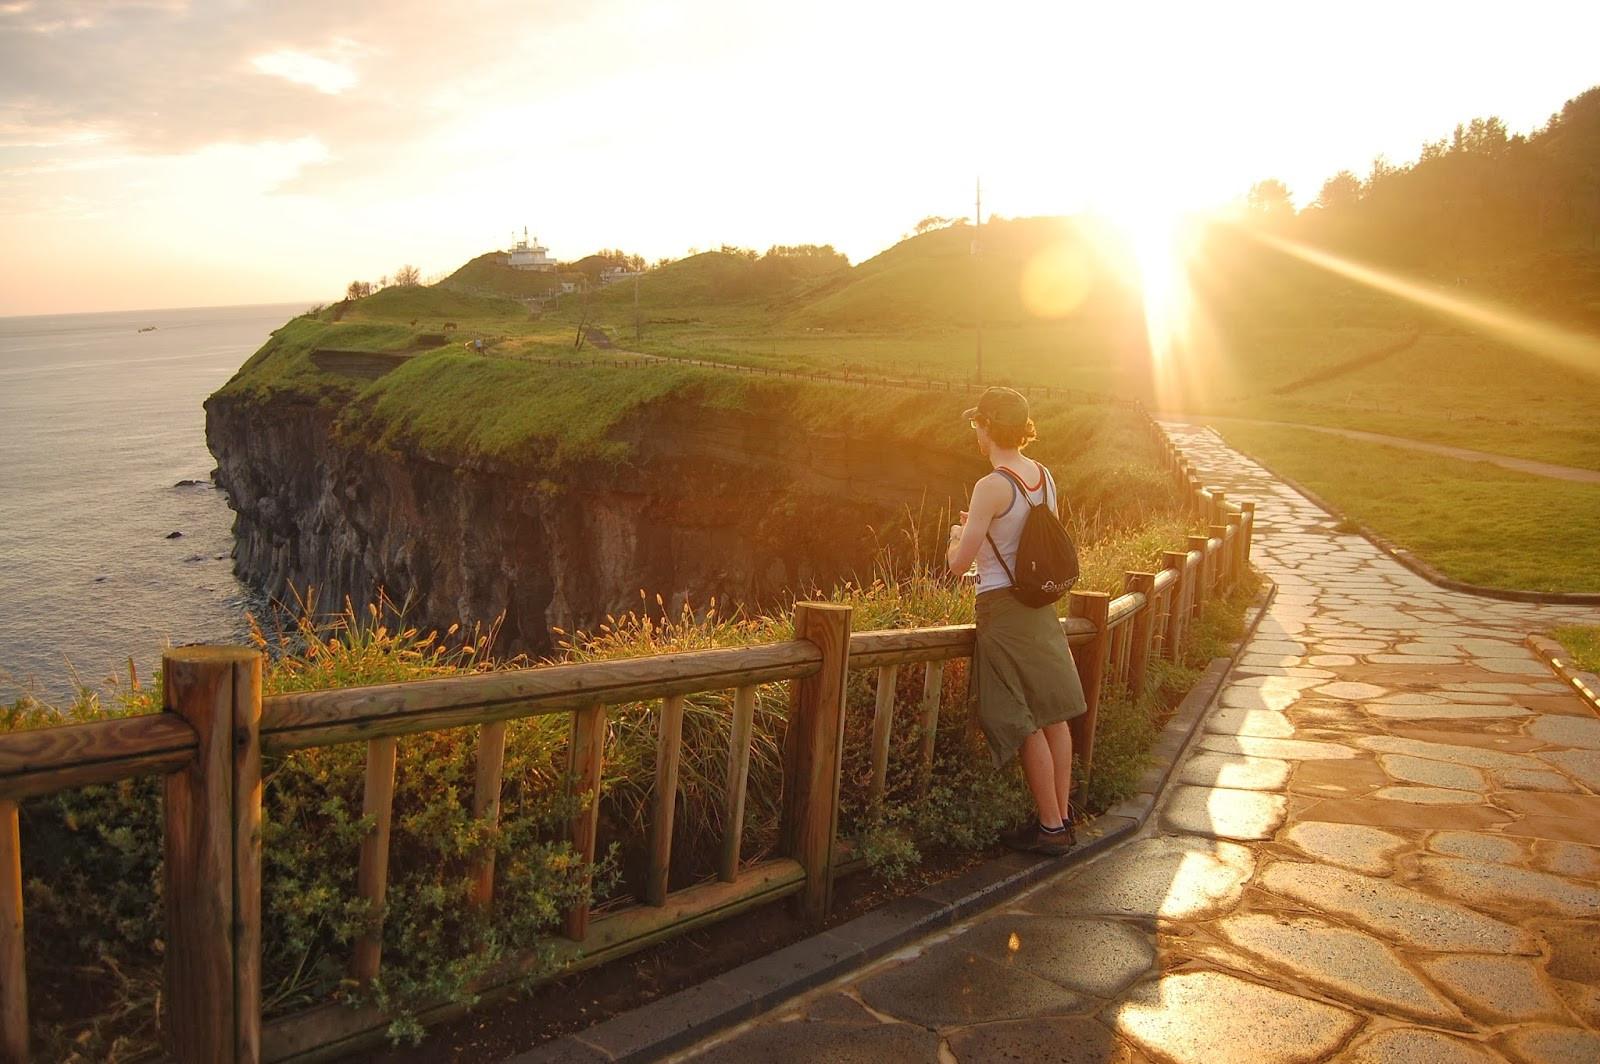 Mê mẩn nét đẹp lãng mạn mùa xuân đảo Jeju – ảnh 9